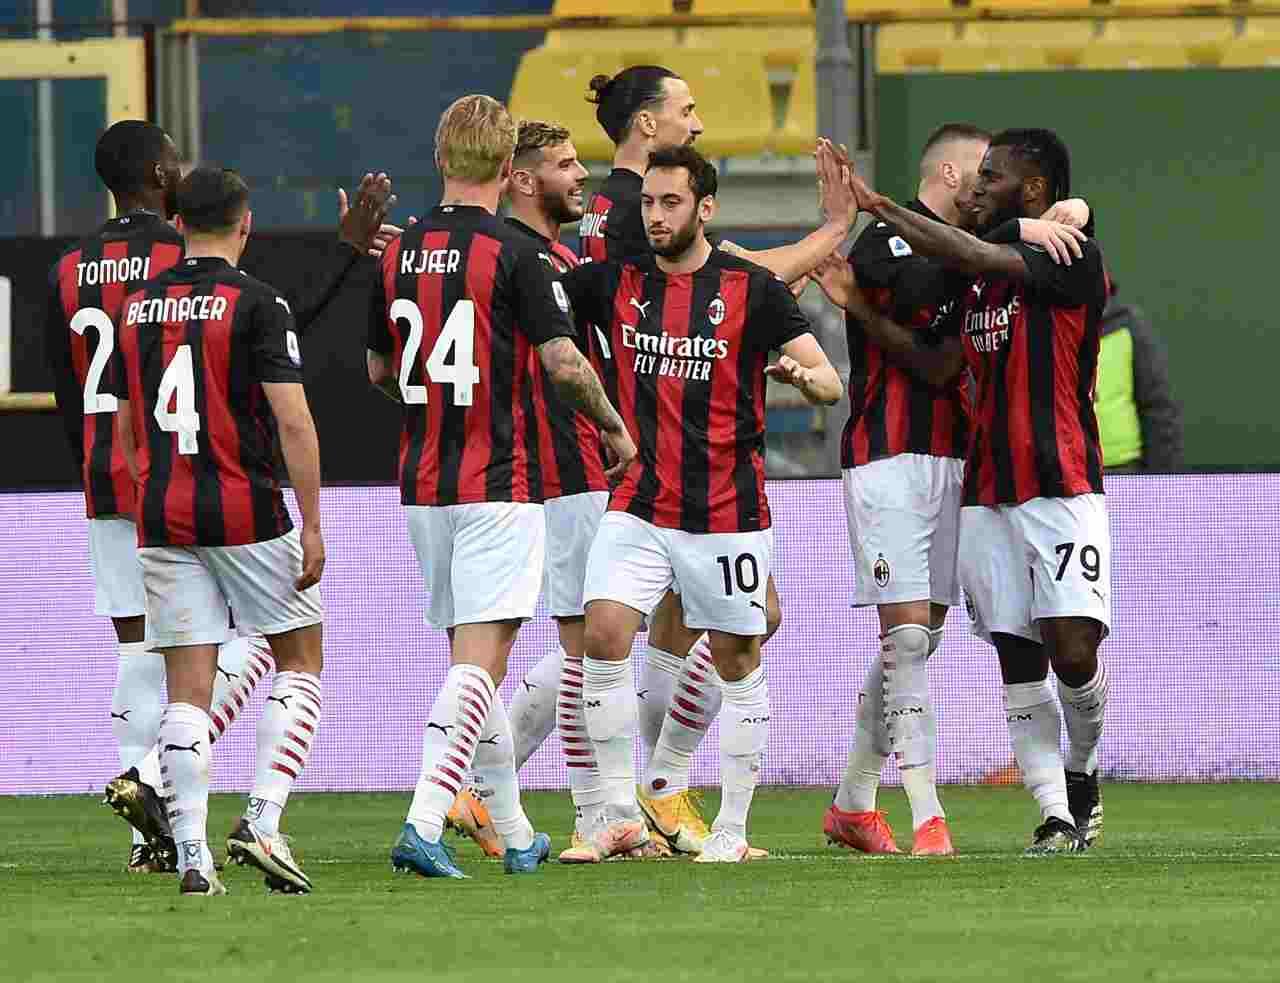 Milan Genoa Dazn